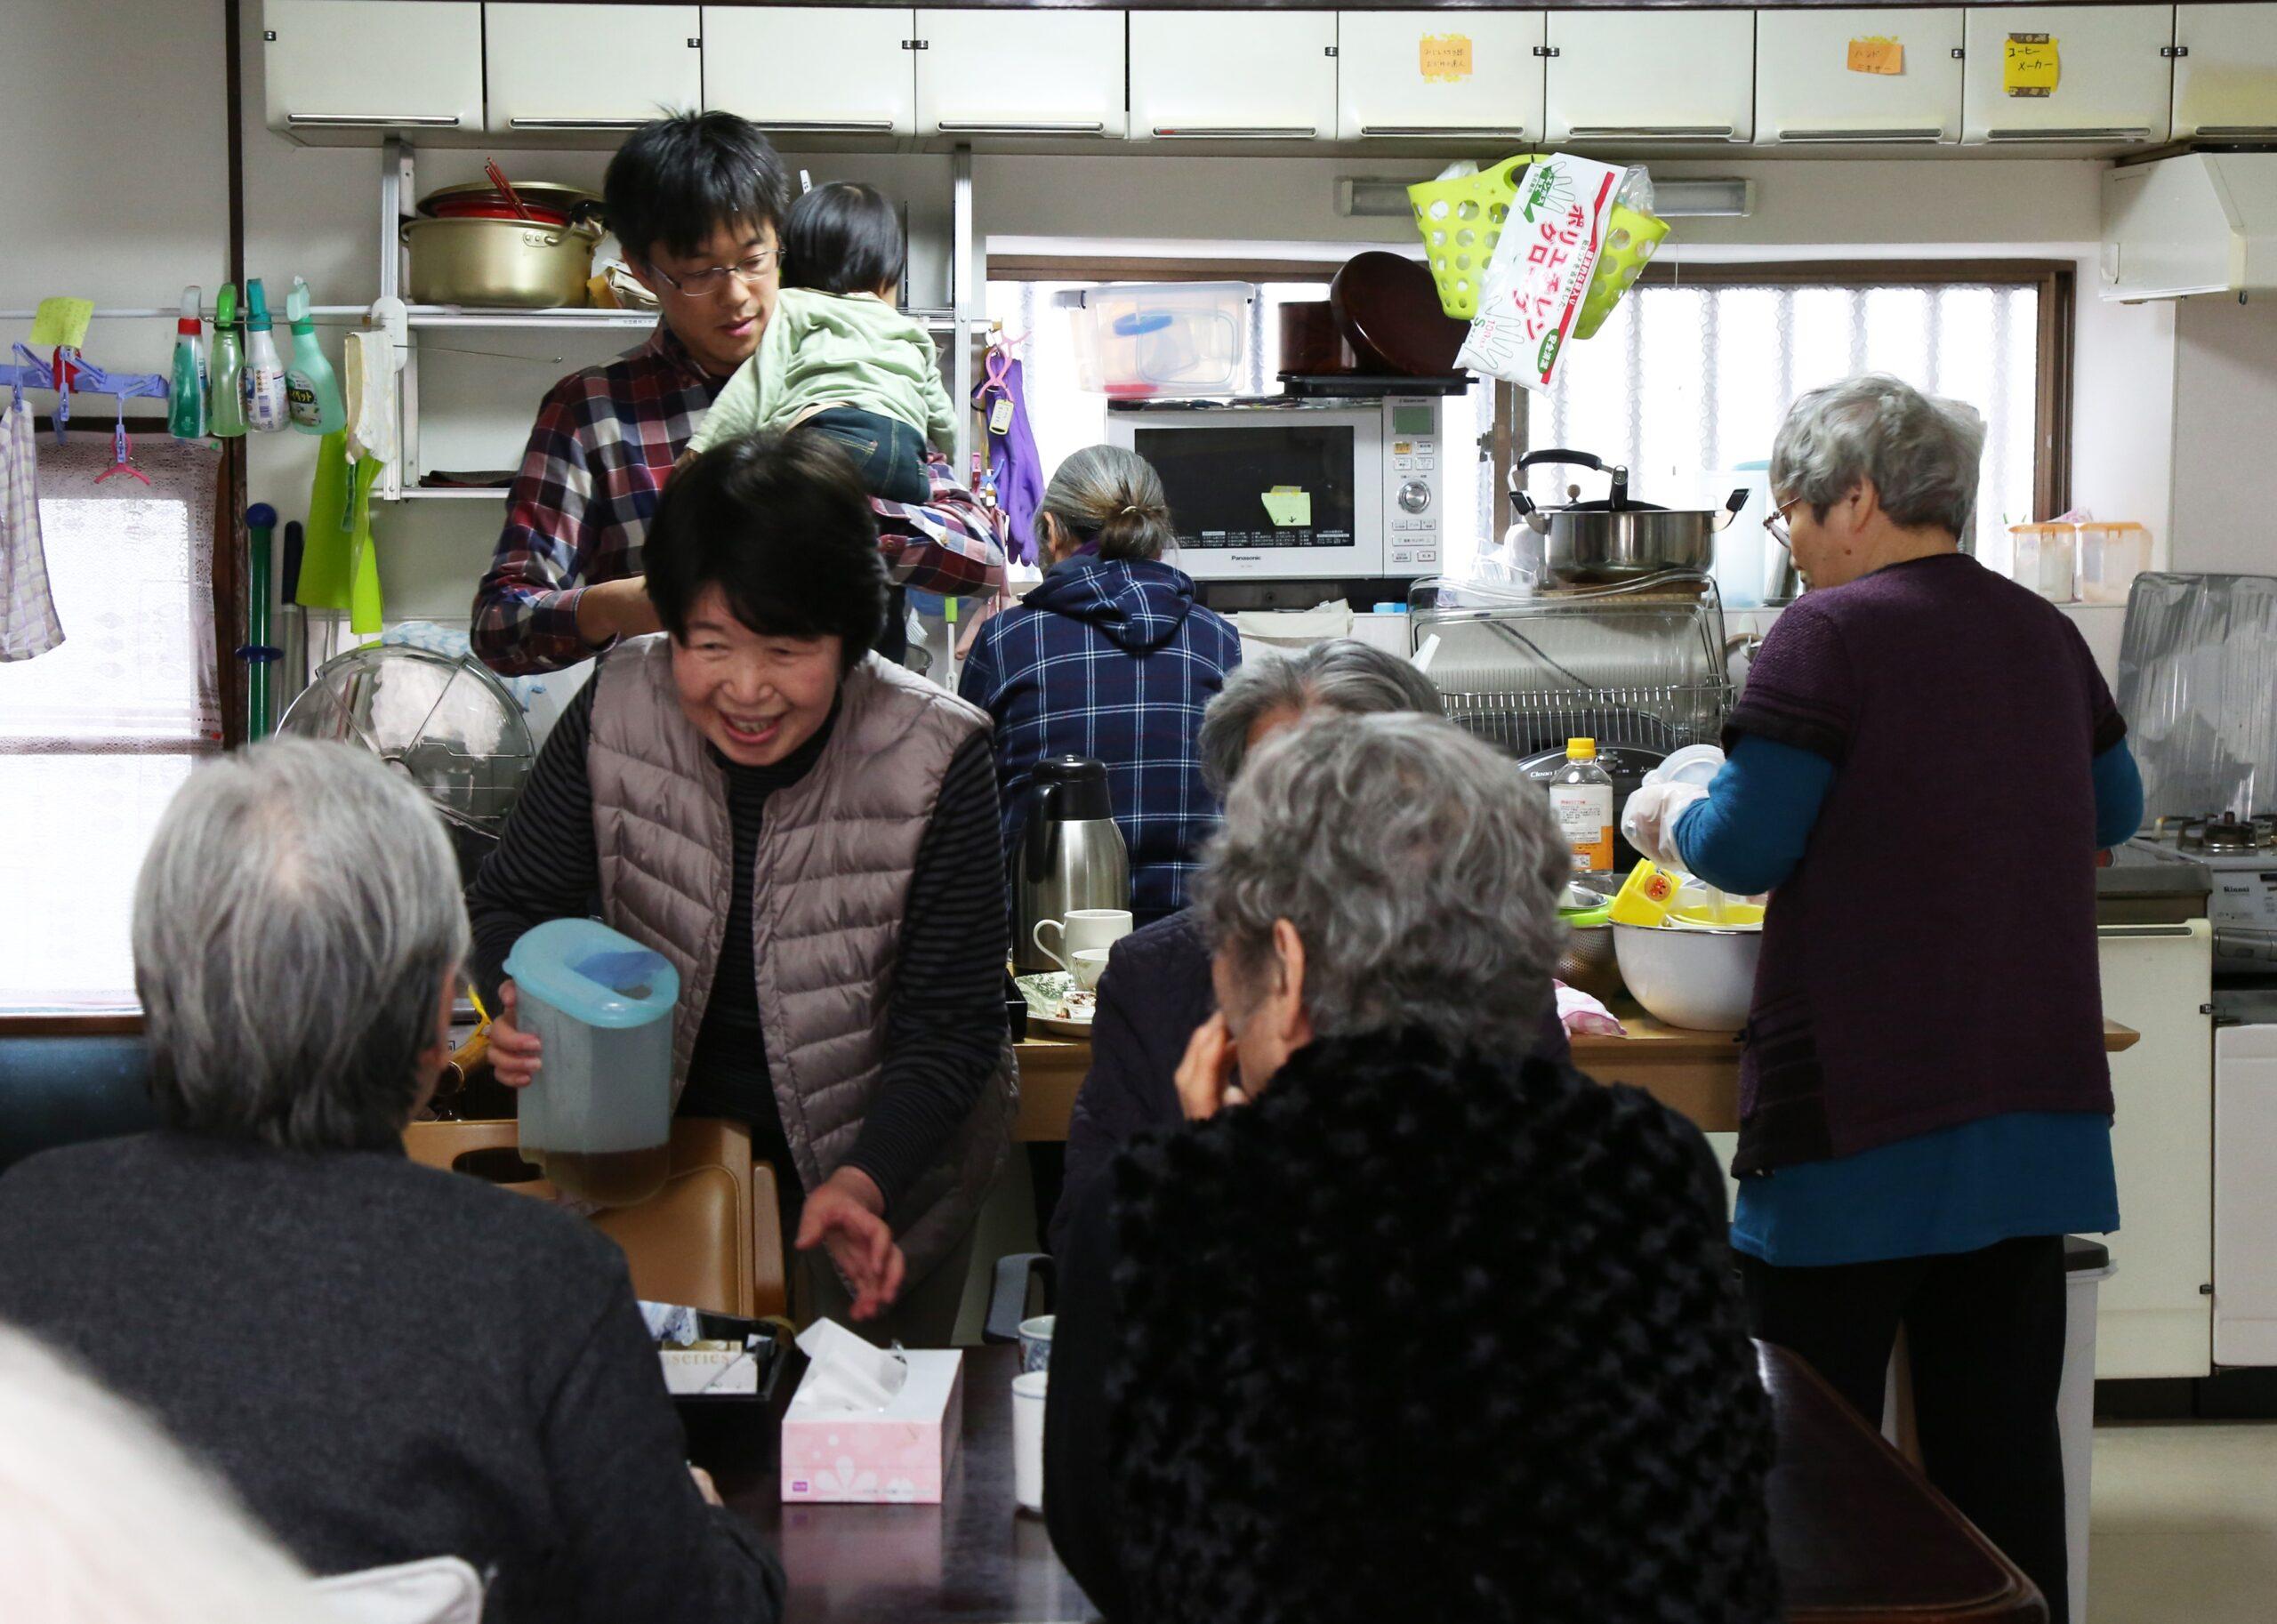 介護のリアル in 京都~医療から介護へ その人らしさを支える介護の魅力~|ダイジェスト動画